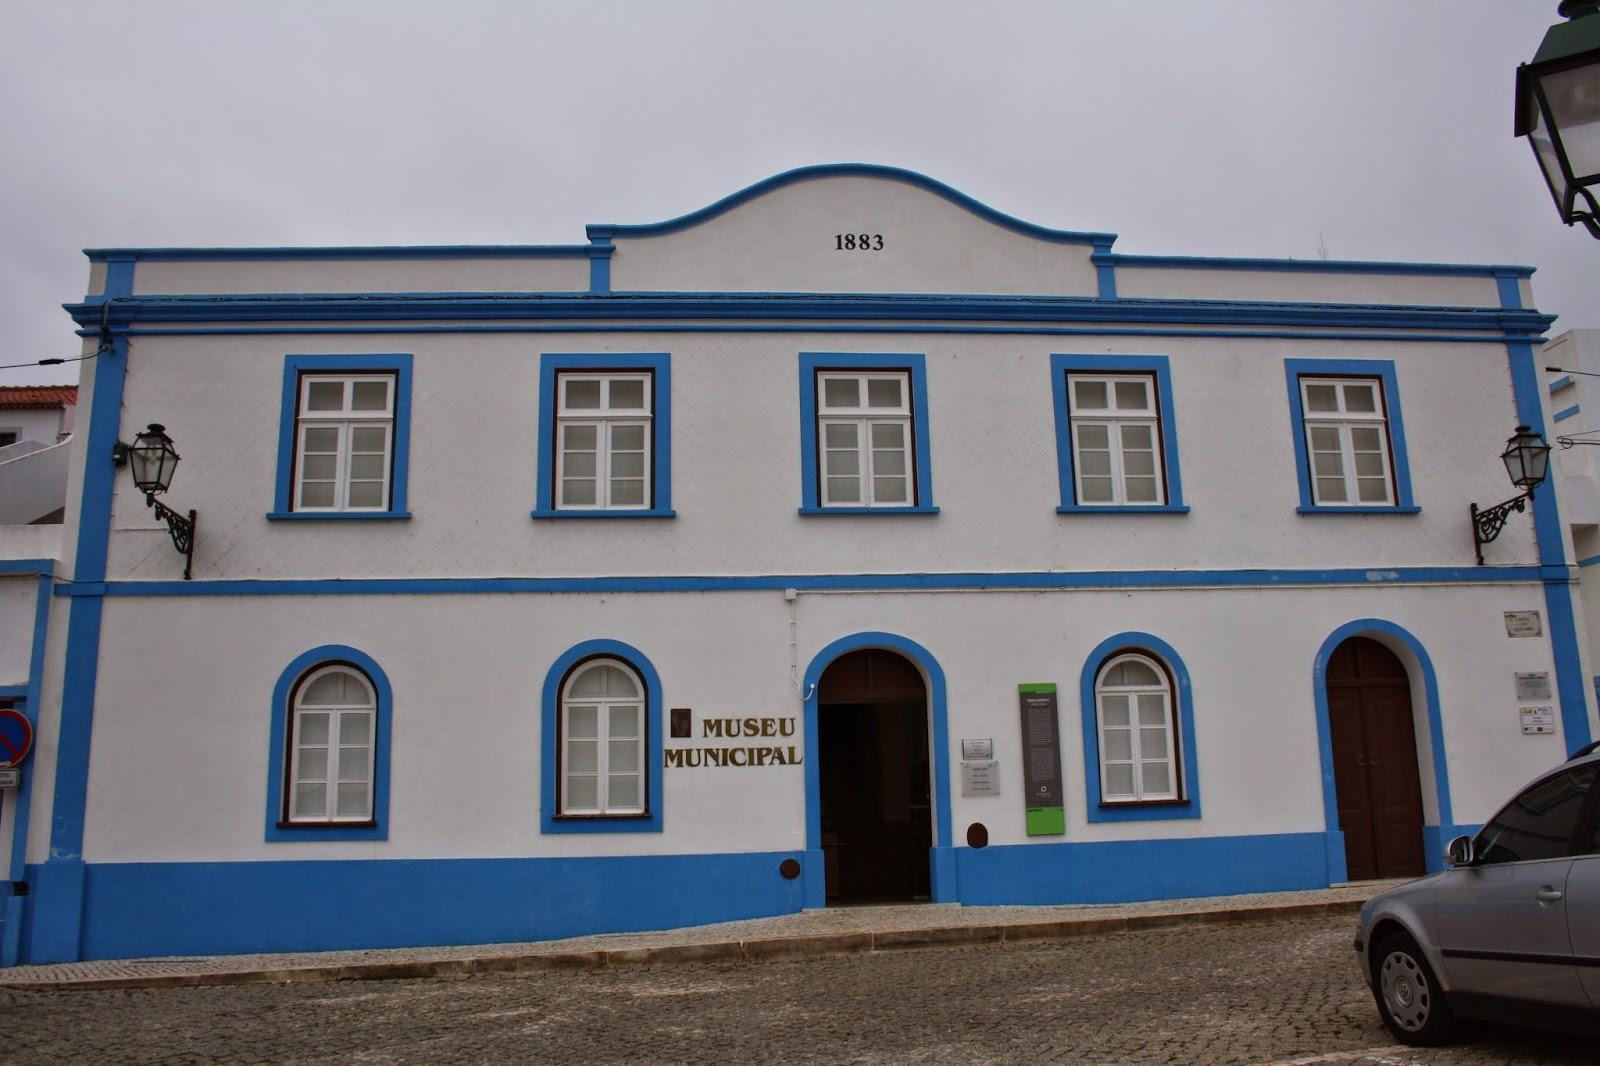 Museu Municipal de Aljezur